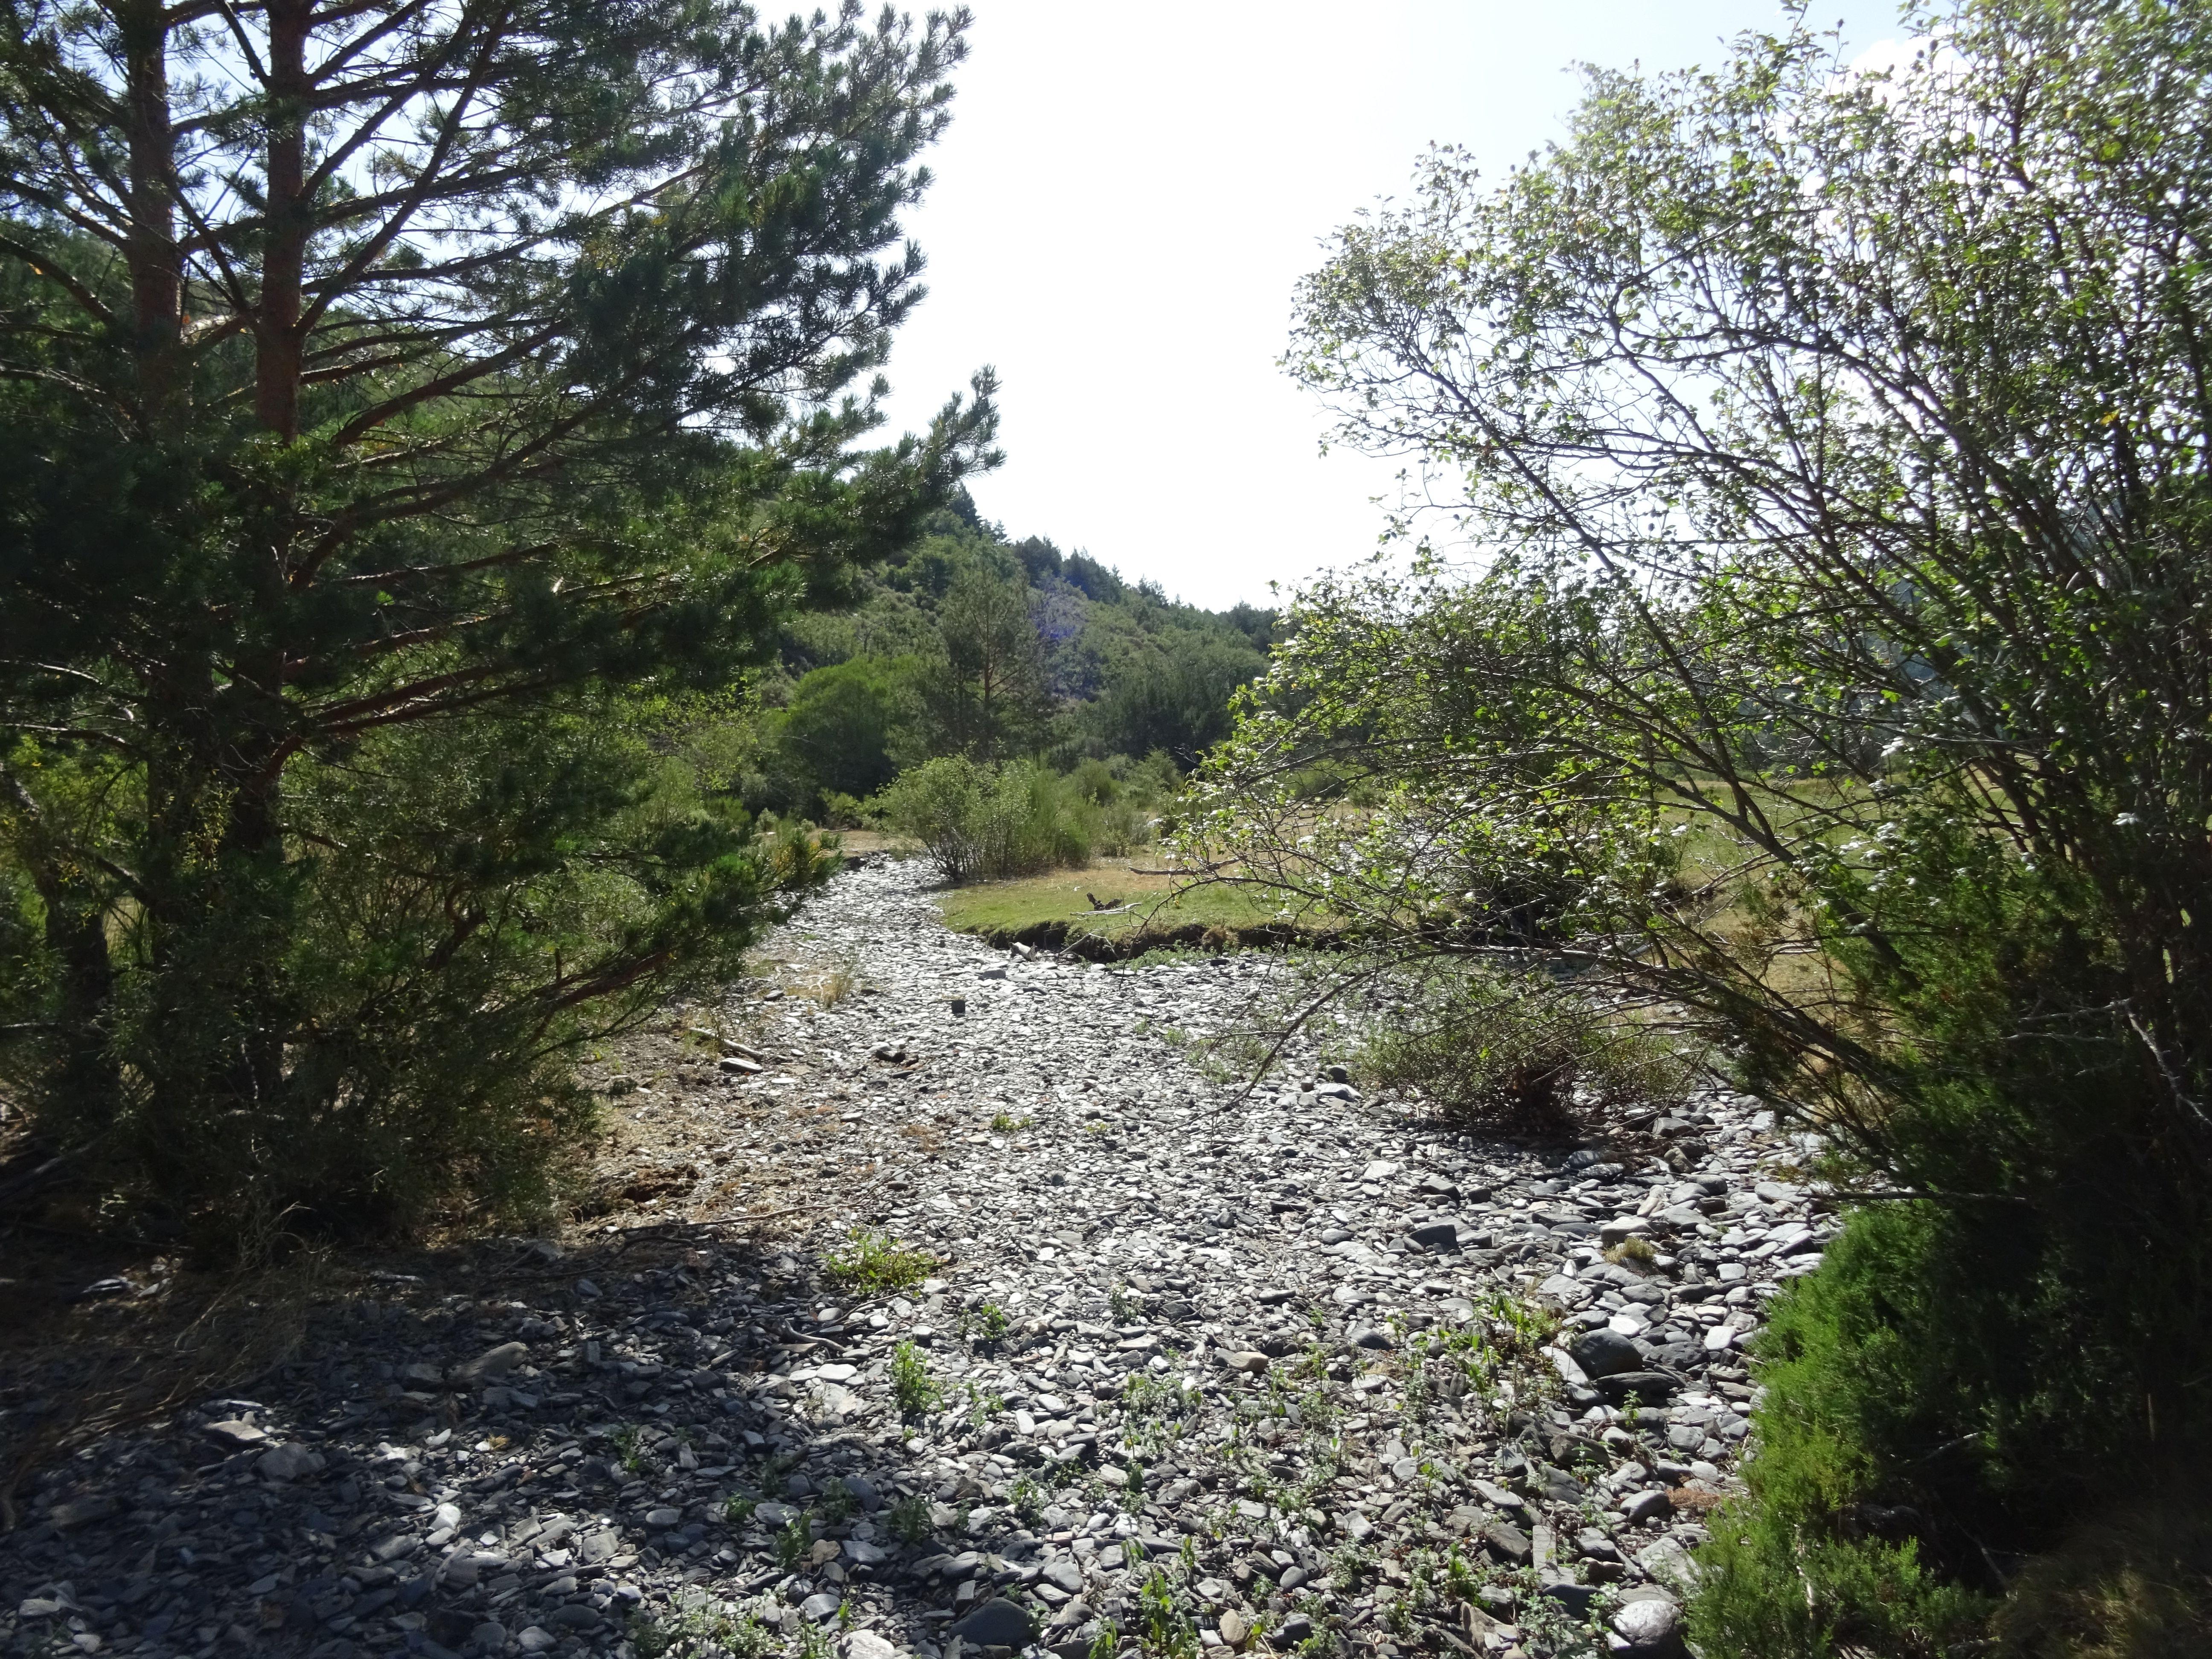 Vemos un camino de pizarra pero debajo transcurre un río, si lo seguimos veremos zonas con pozas llenas de agua.